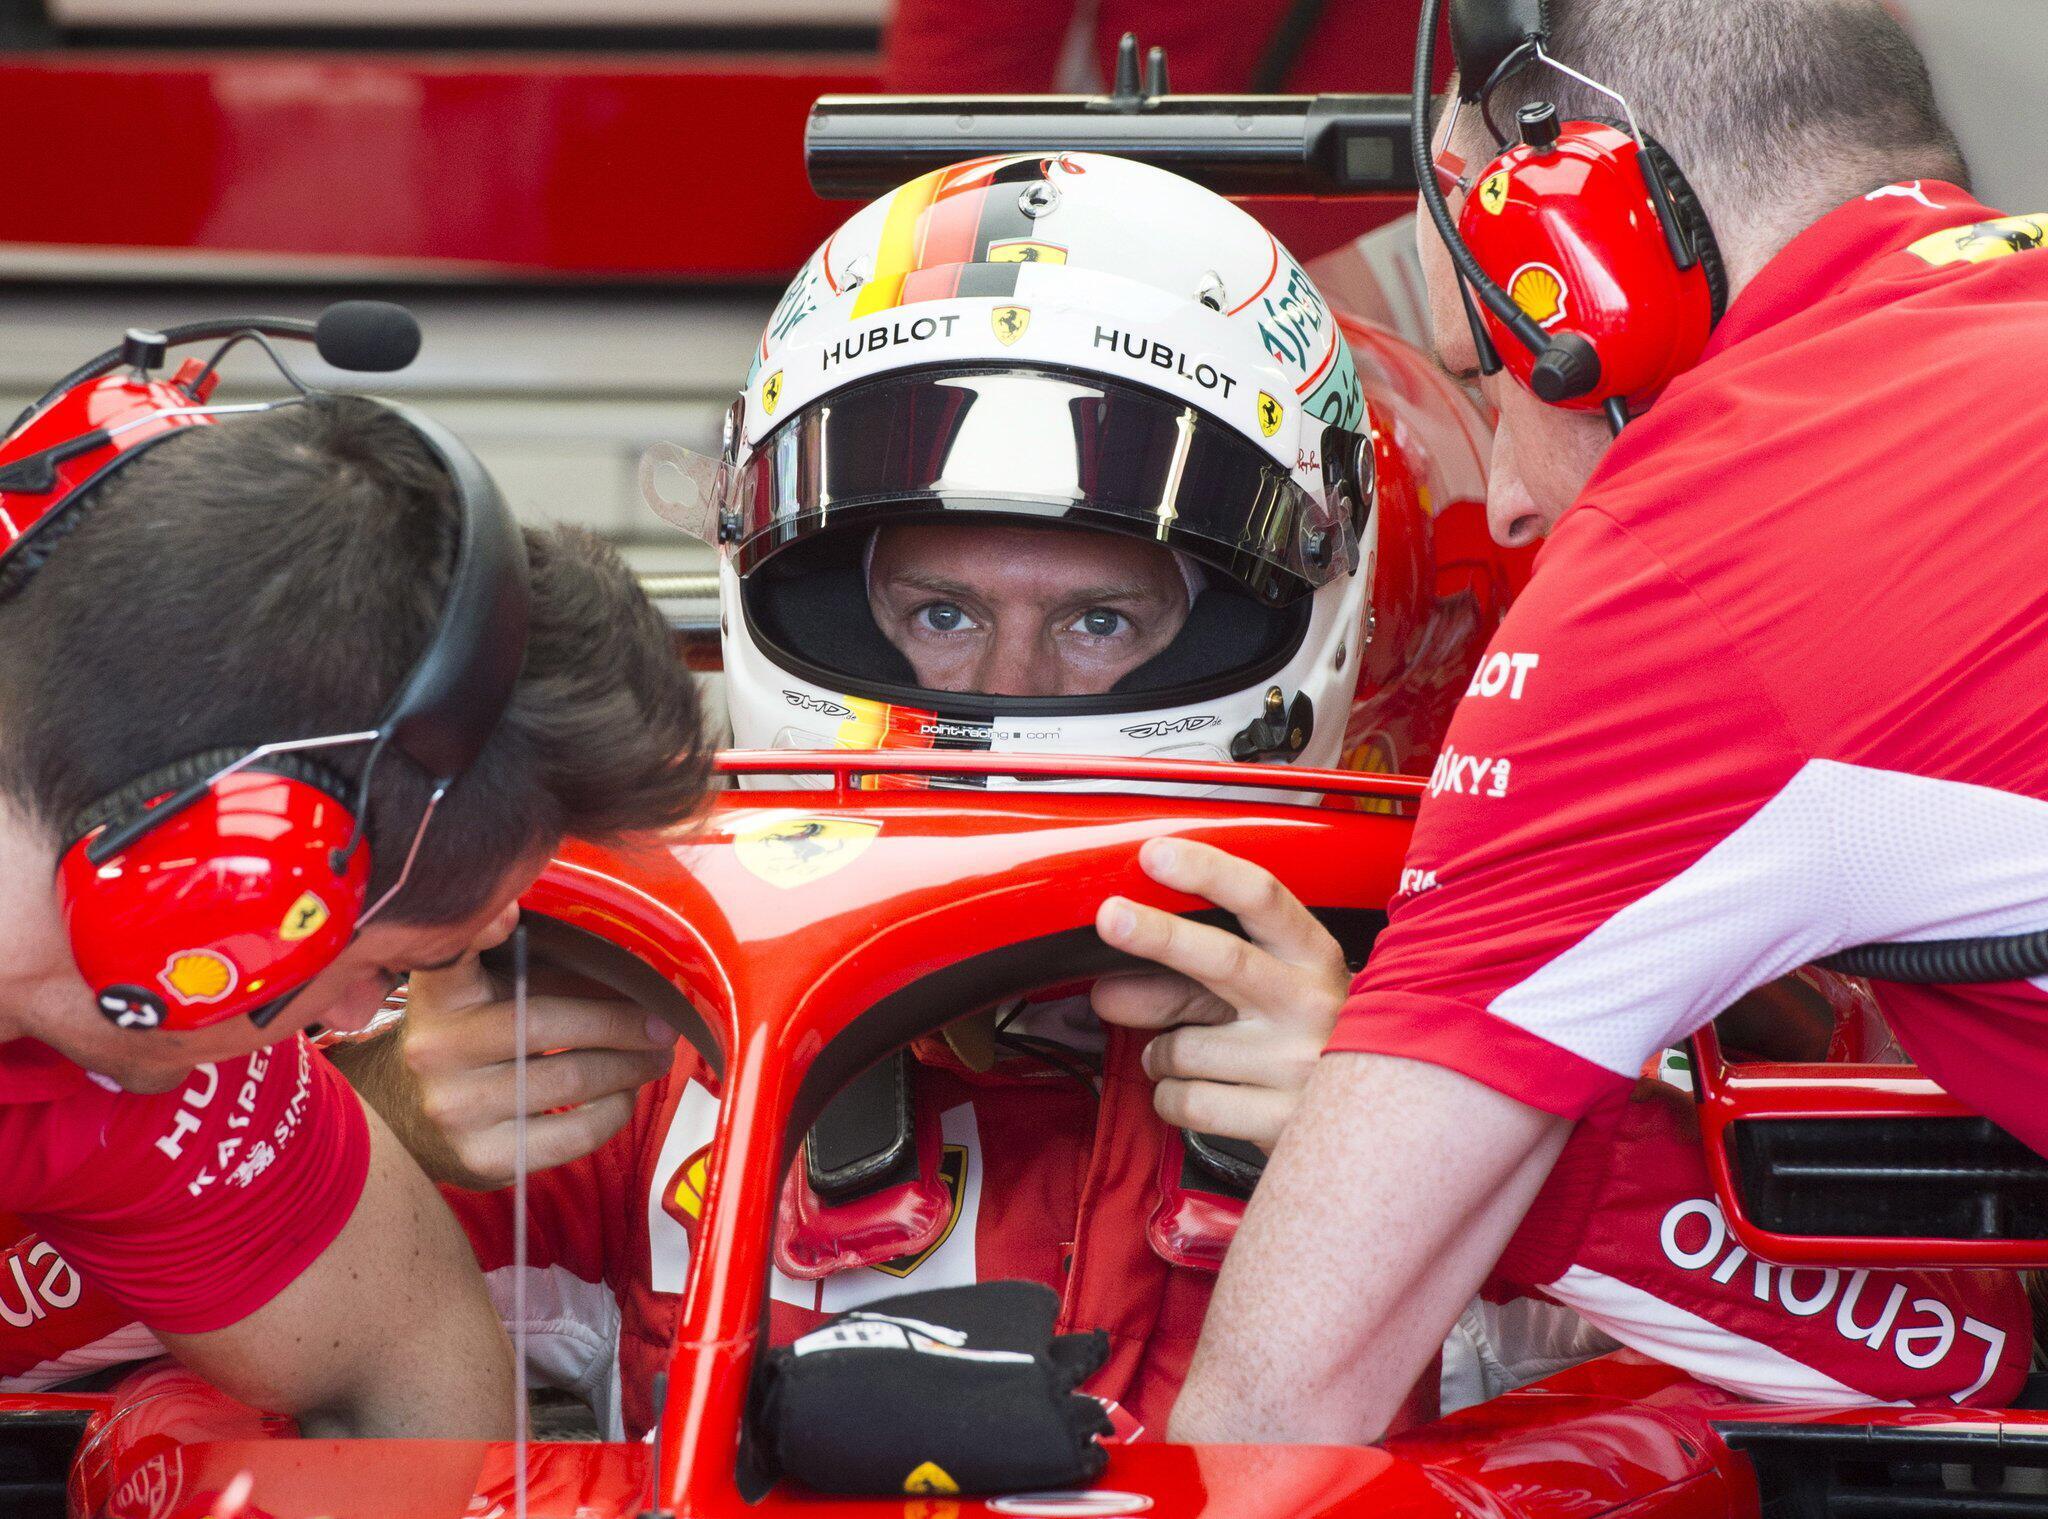 Bild zu Grand Prix von Kanada